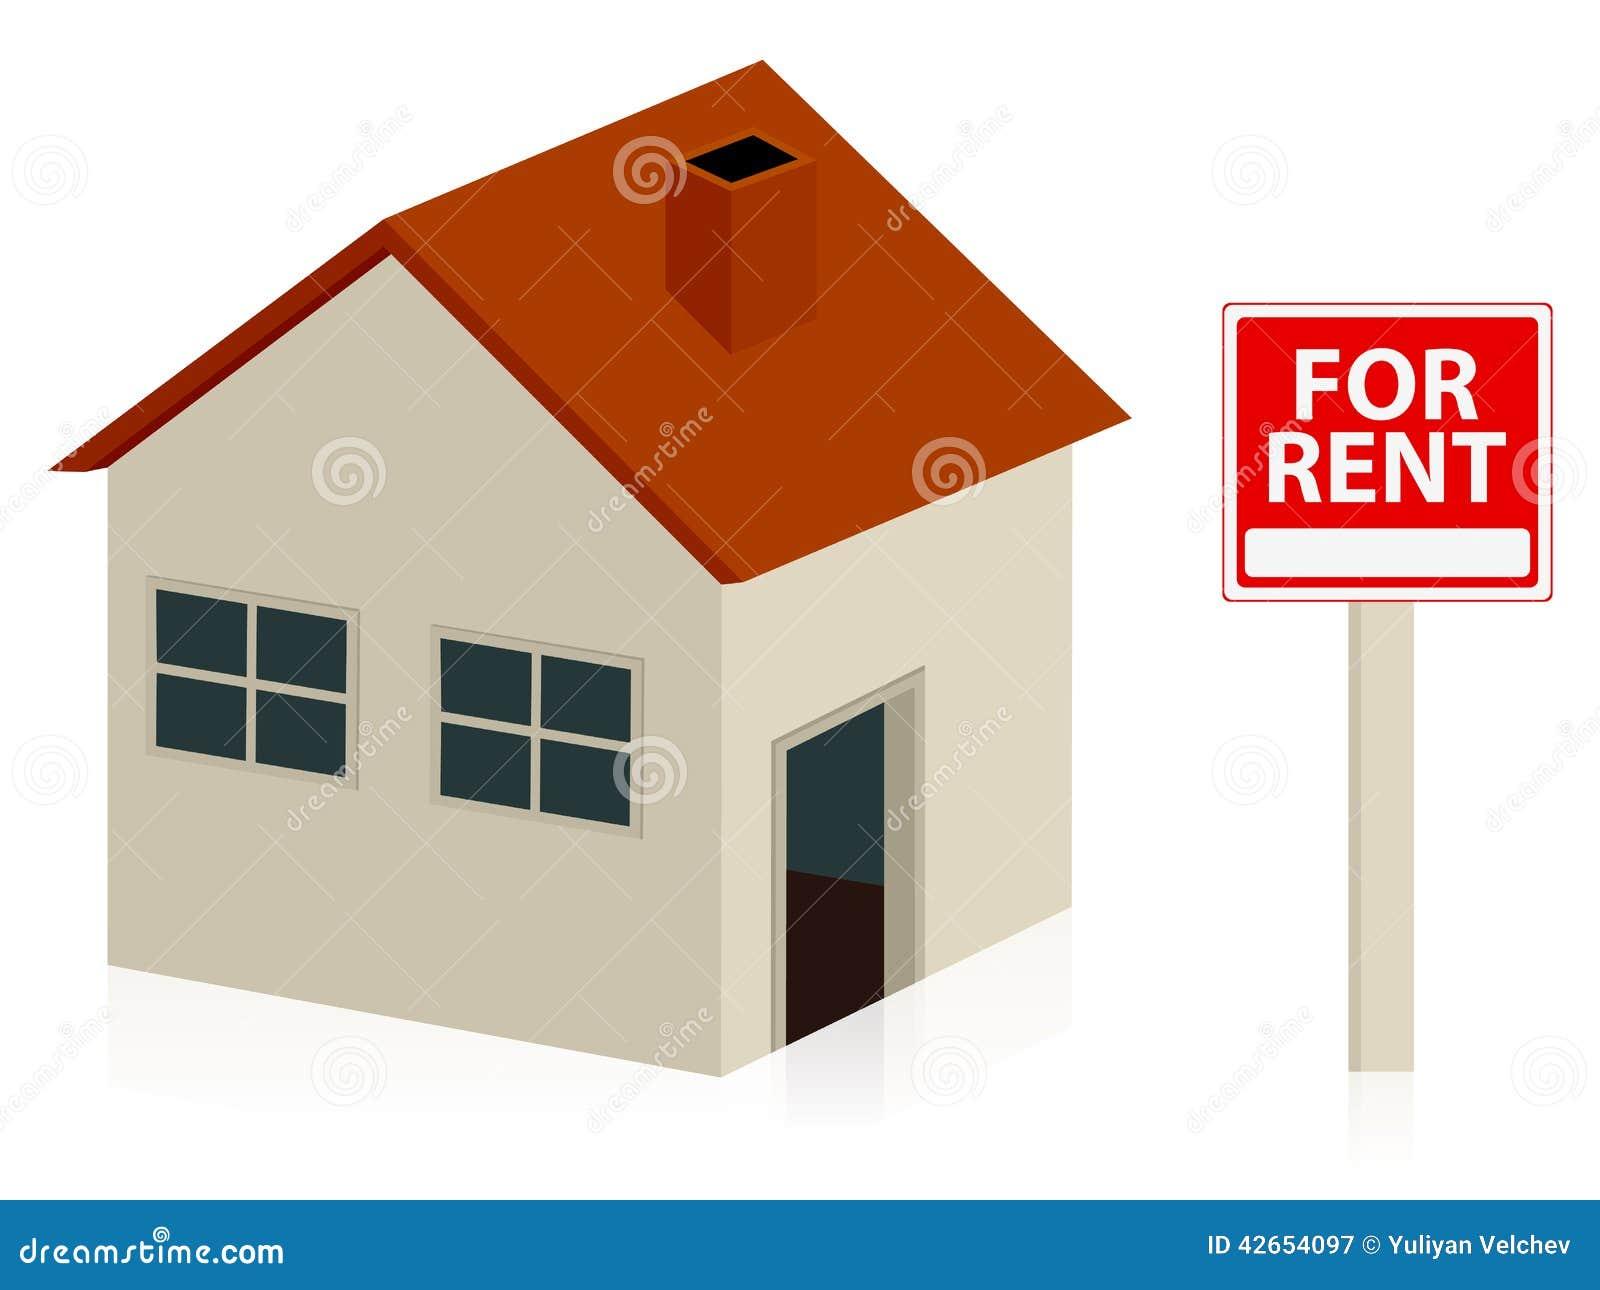 Casa para el alquiler ilustraci n del vector imagen for Busco casa para rentar